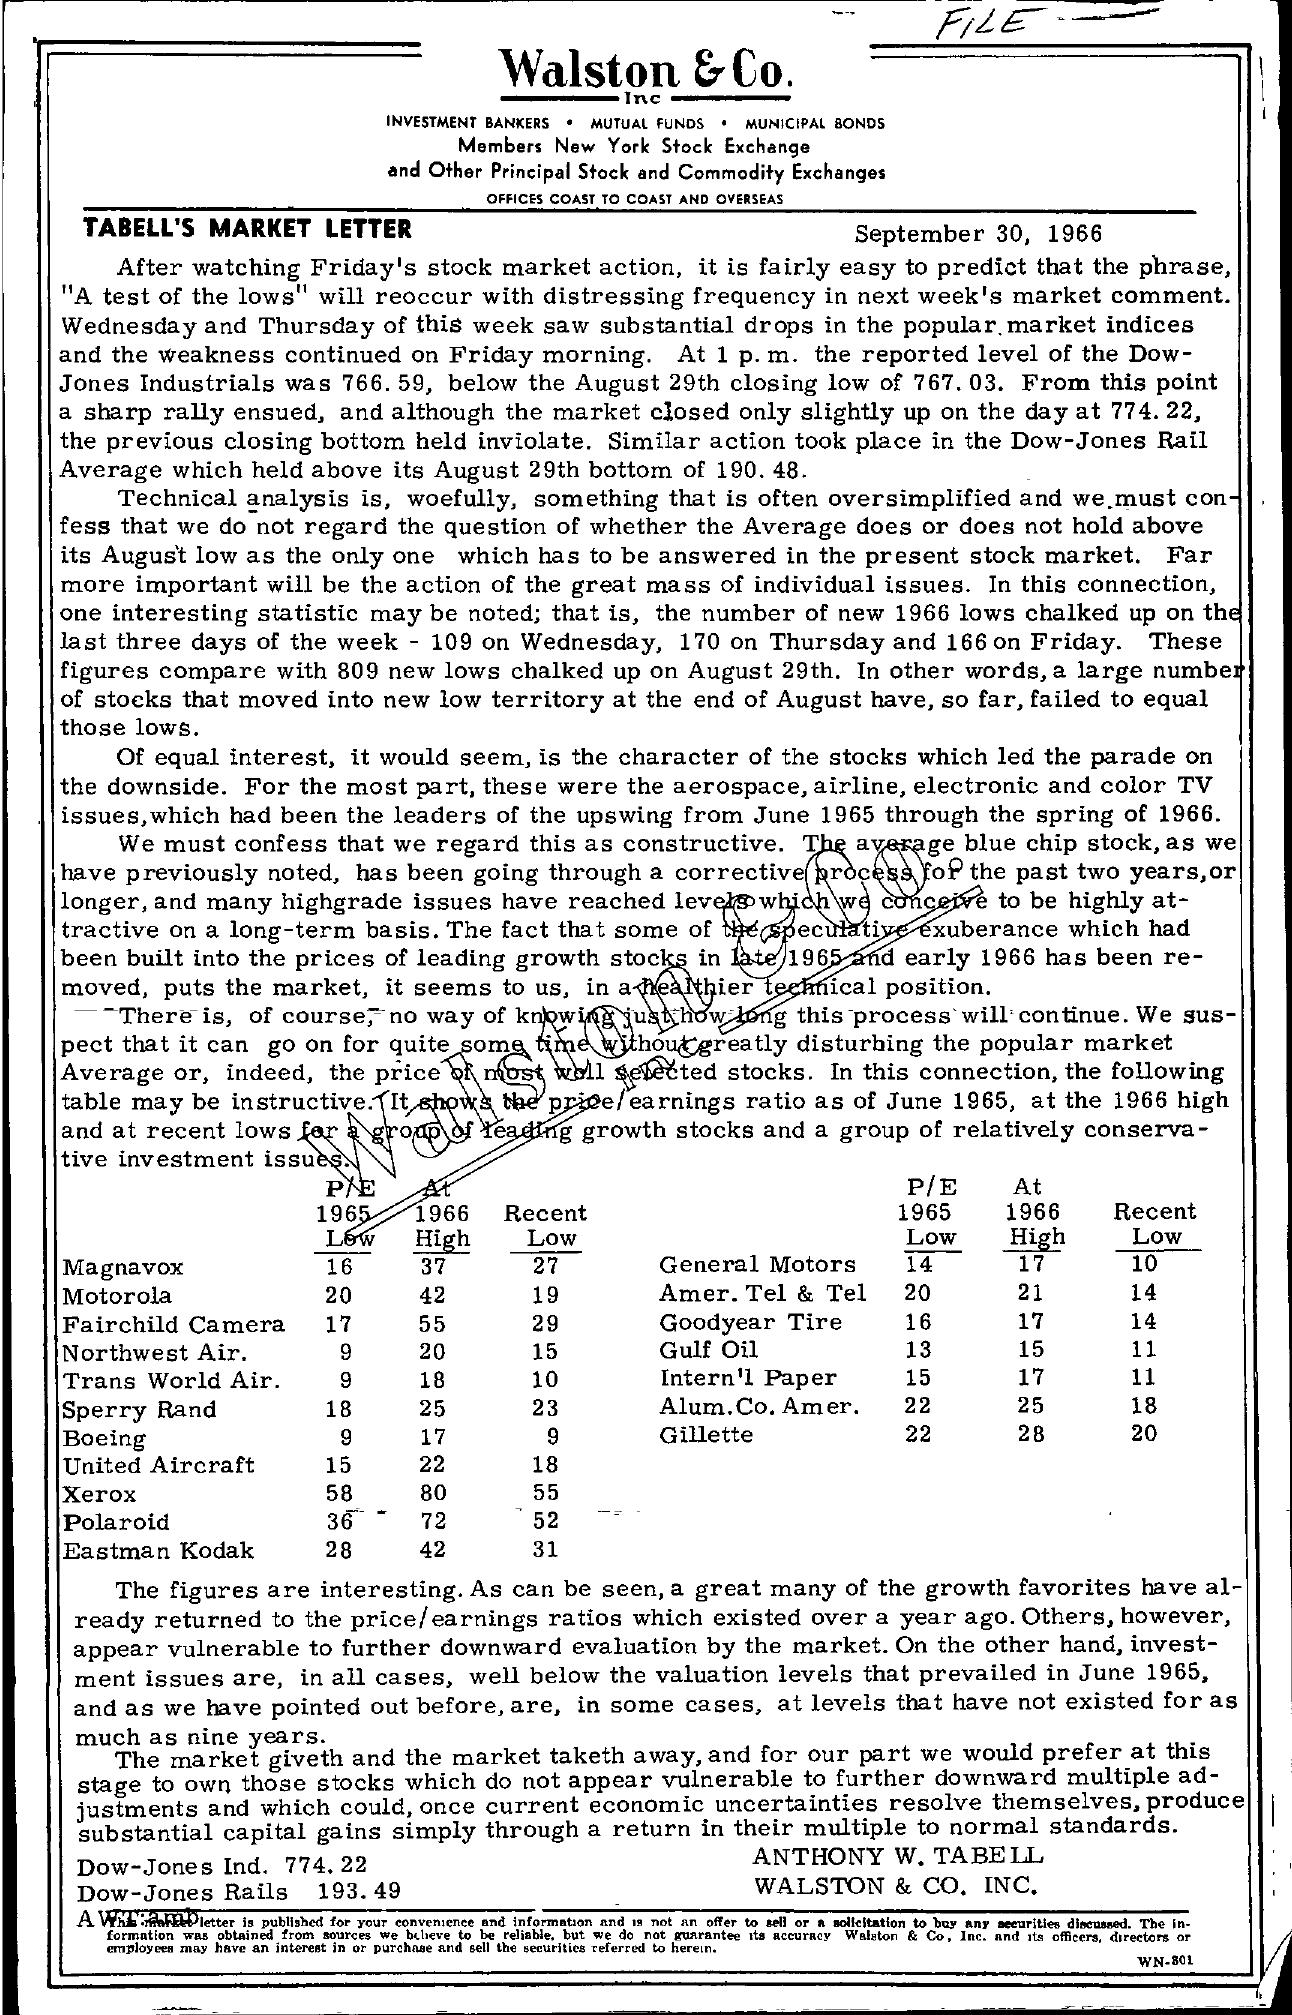 Tabell's Market Letter - September 30, 1966